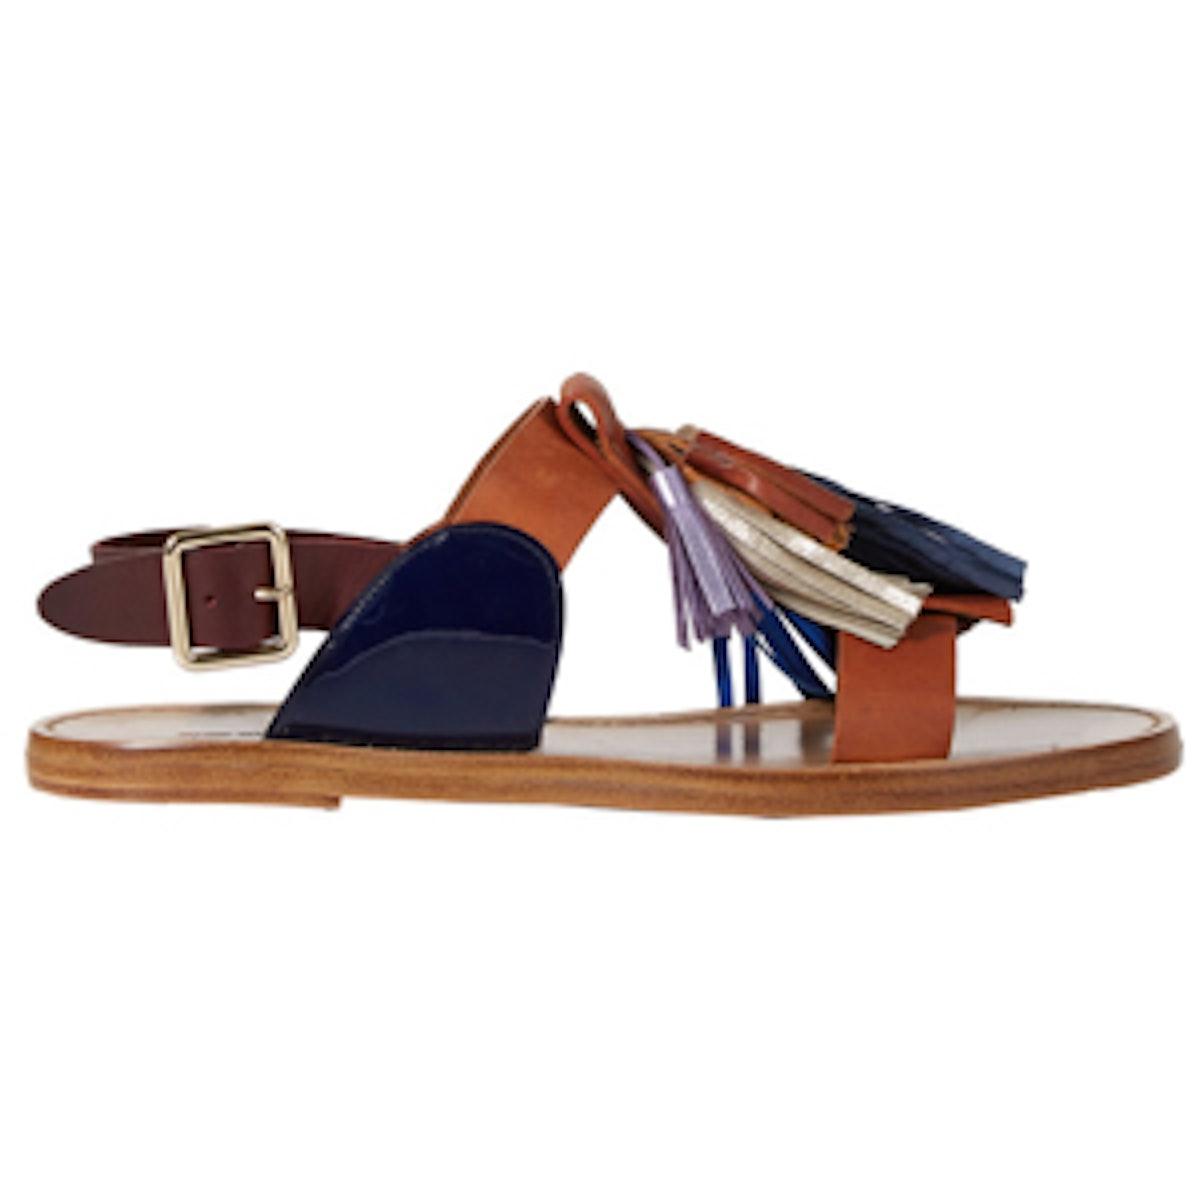 Tassel-Embellished Clay Sandals